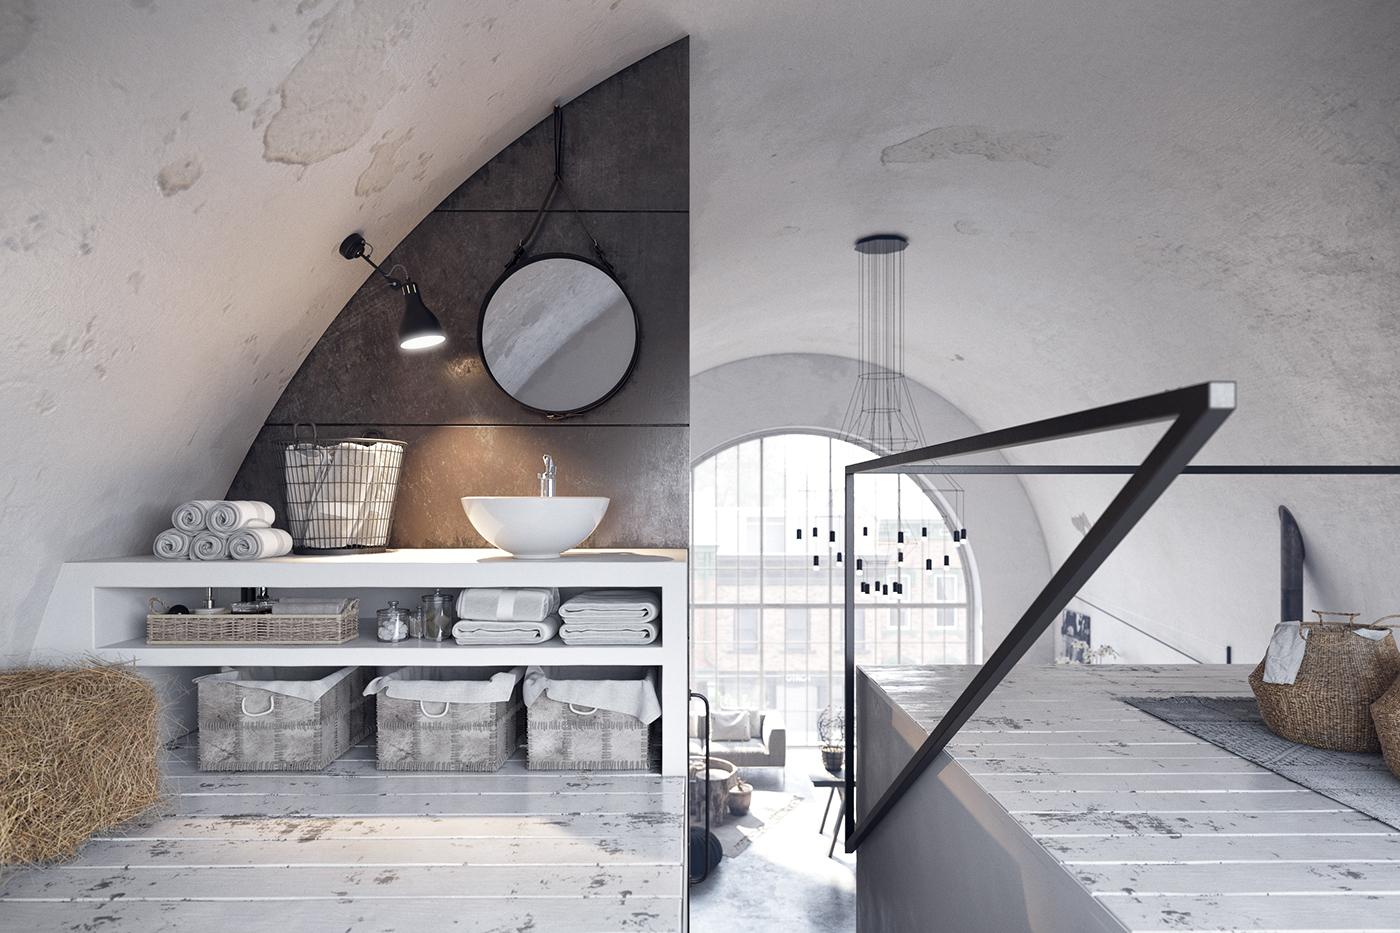 Chambre et salle d'eau en mezzanine